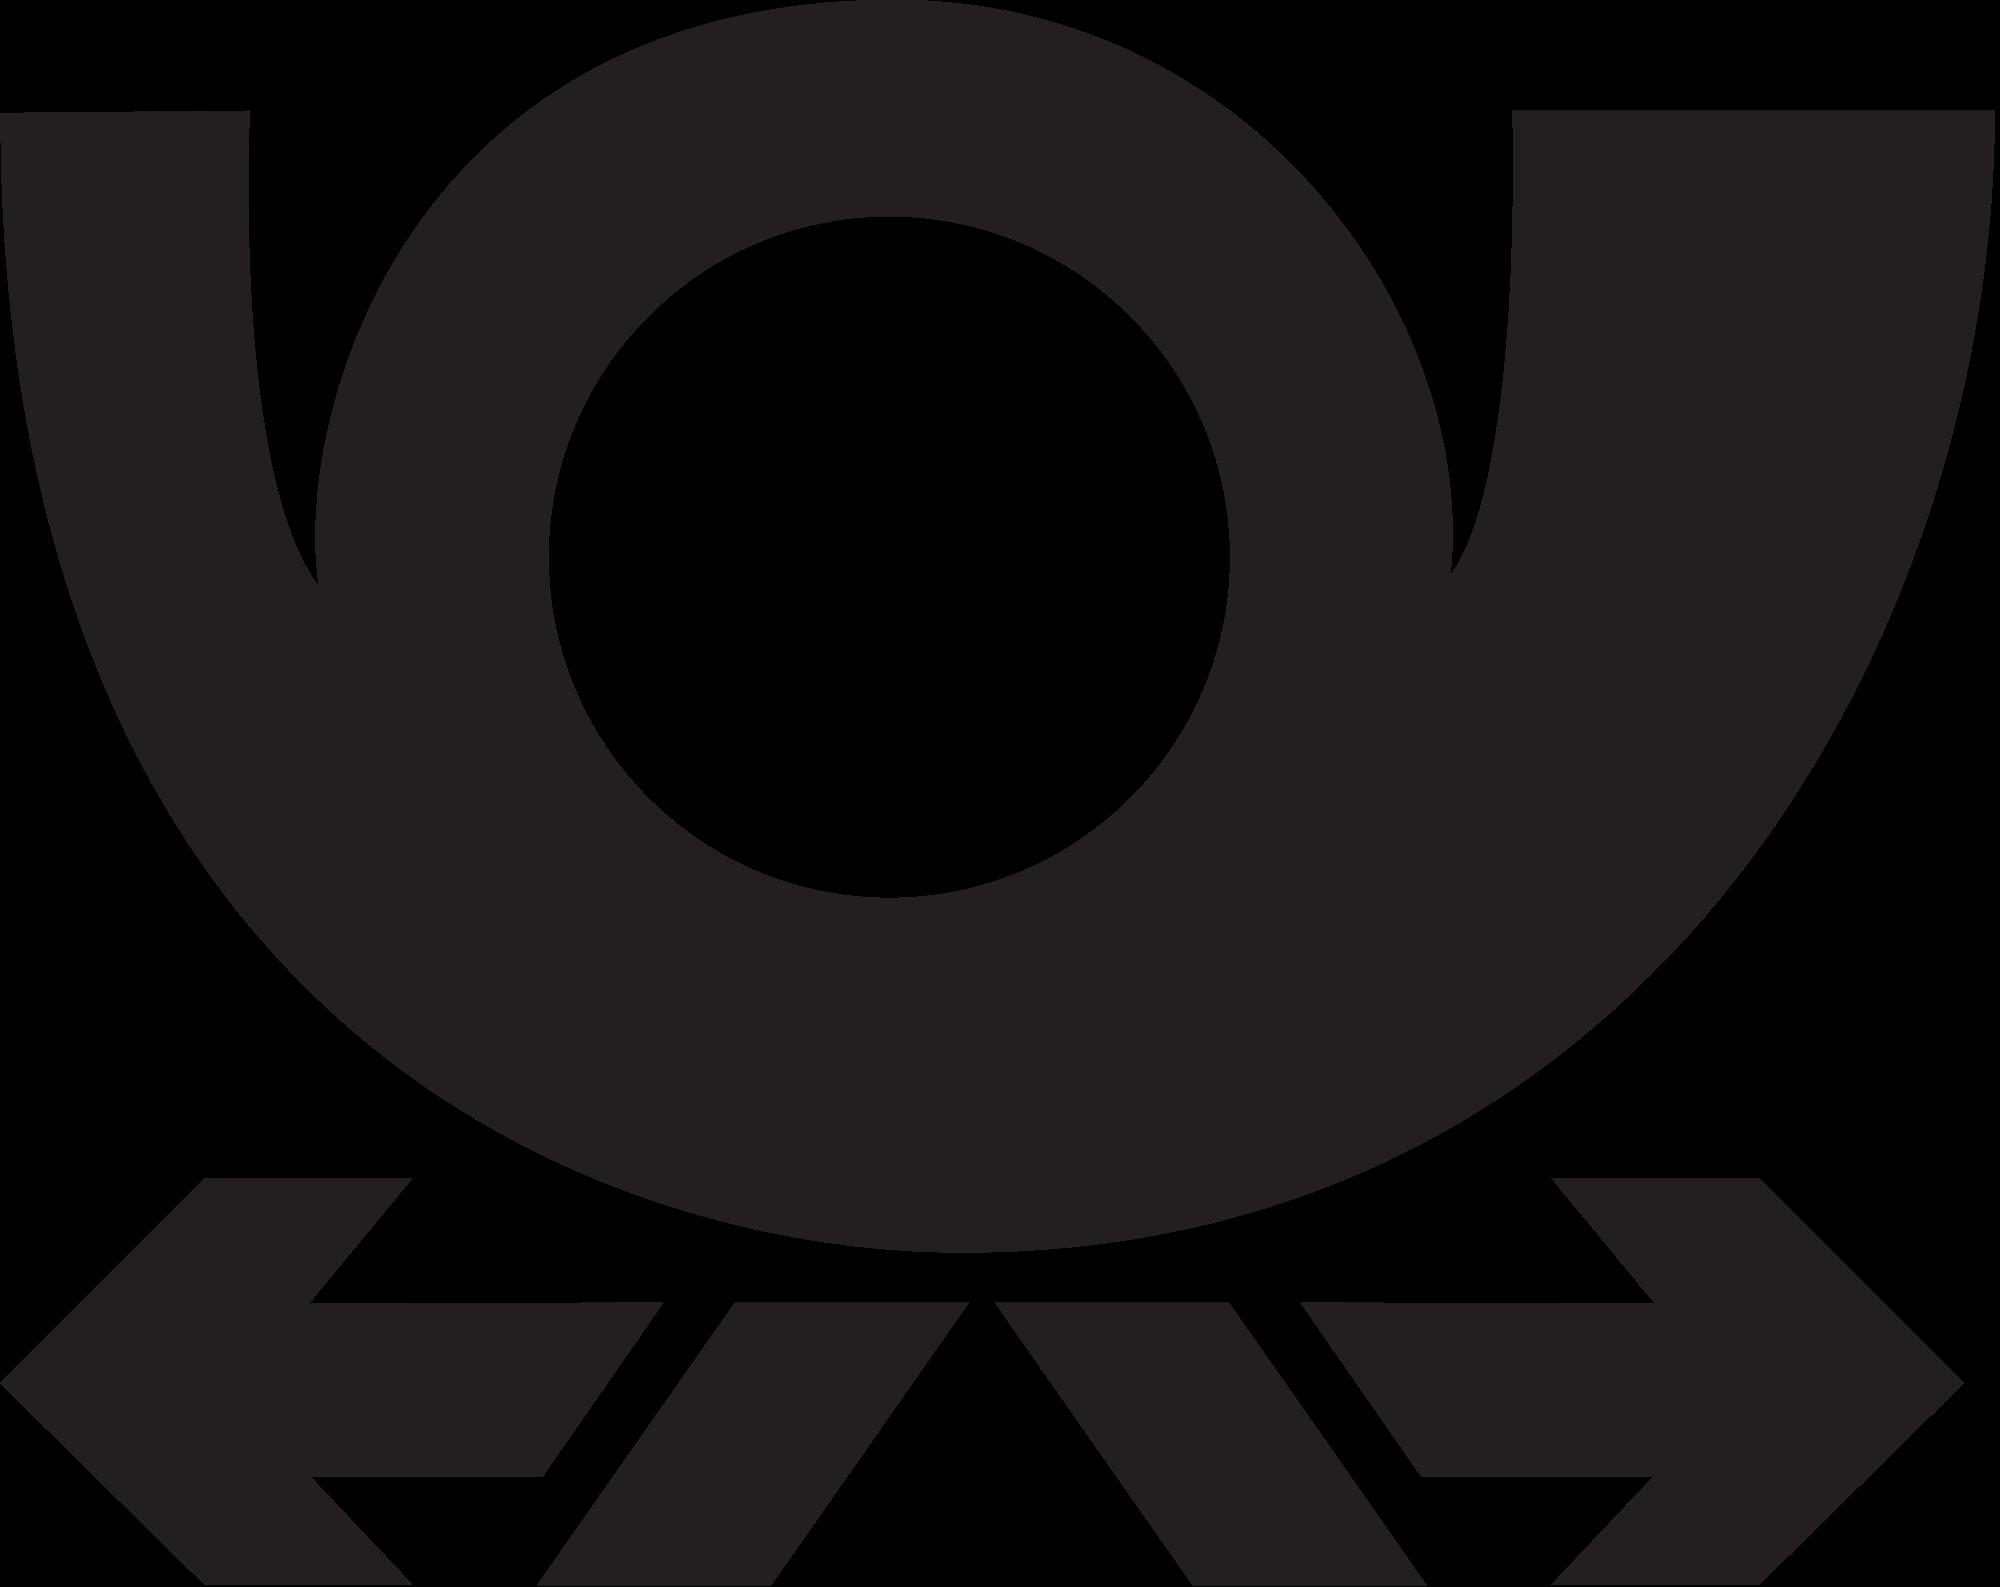 File:Posthorn Logo Dt Bundespost.svg.